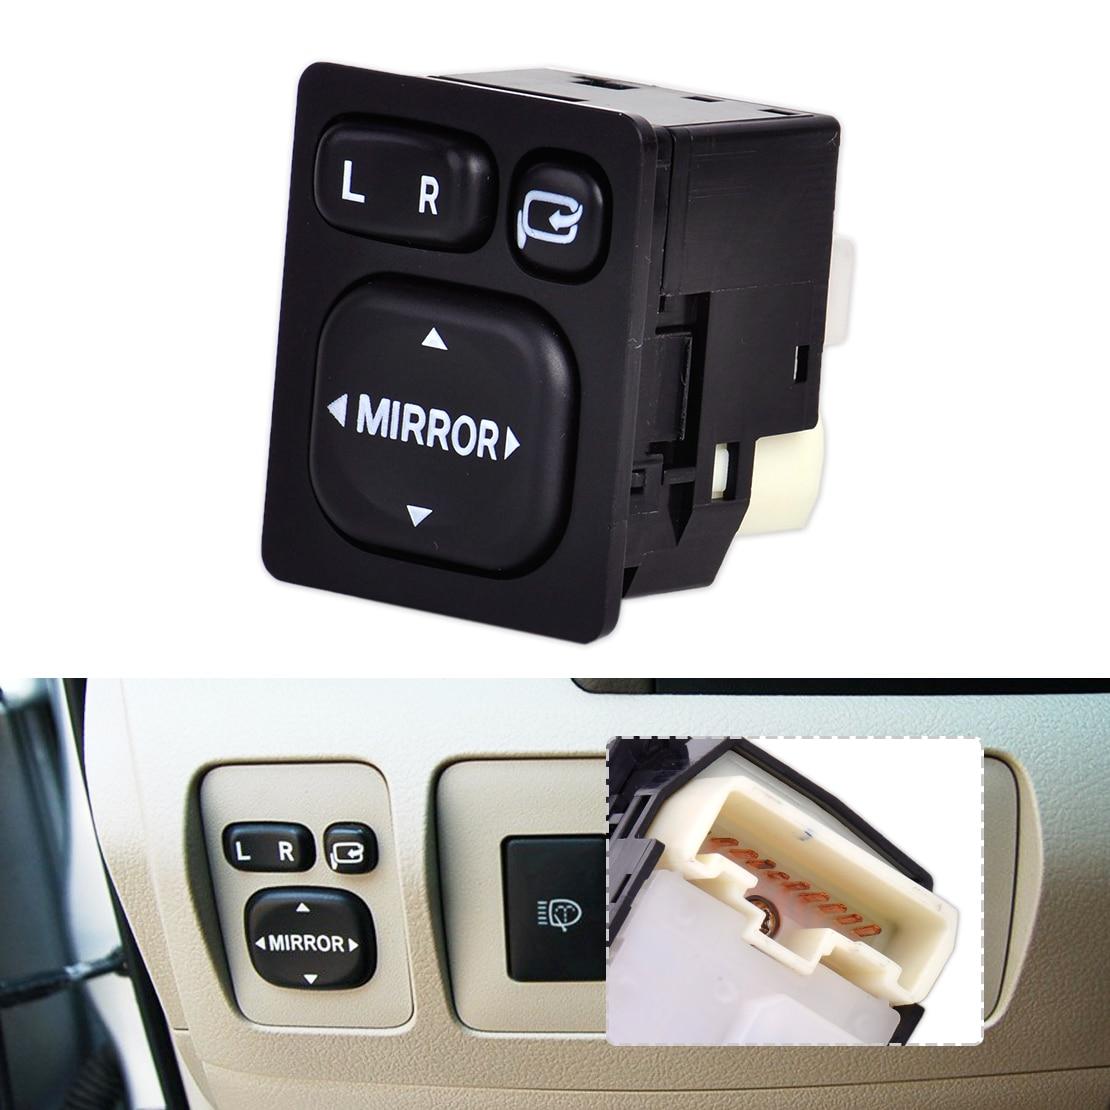 Dwcx 9 pin автомобиля вне Пластик зеркало заднего вида Мощность кнопка включения Управление 84872-52040 84870-0P010 для Toyota Camry rav4 Vios